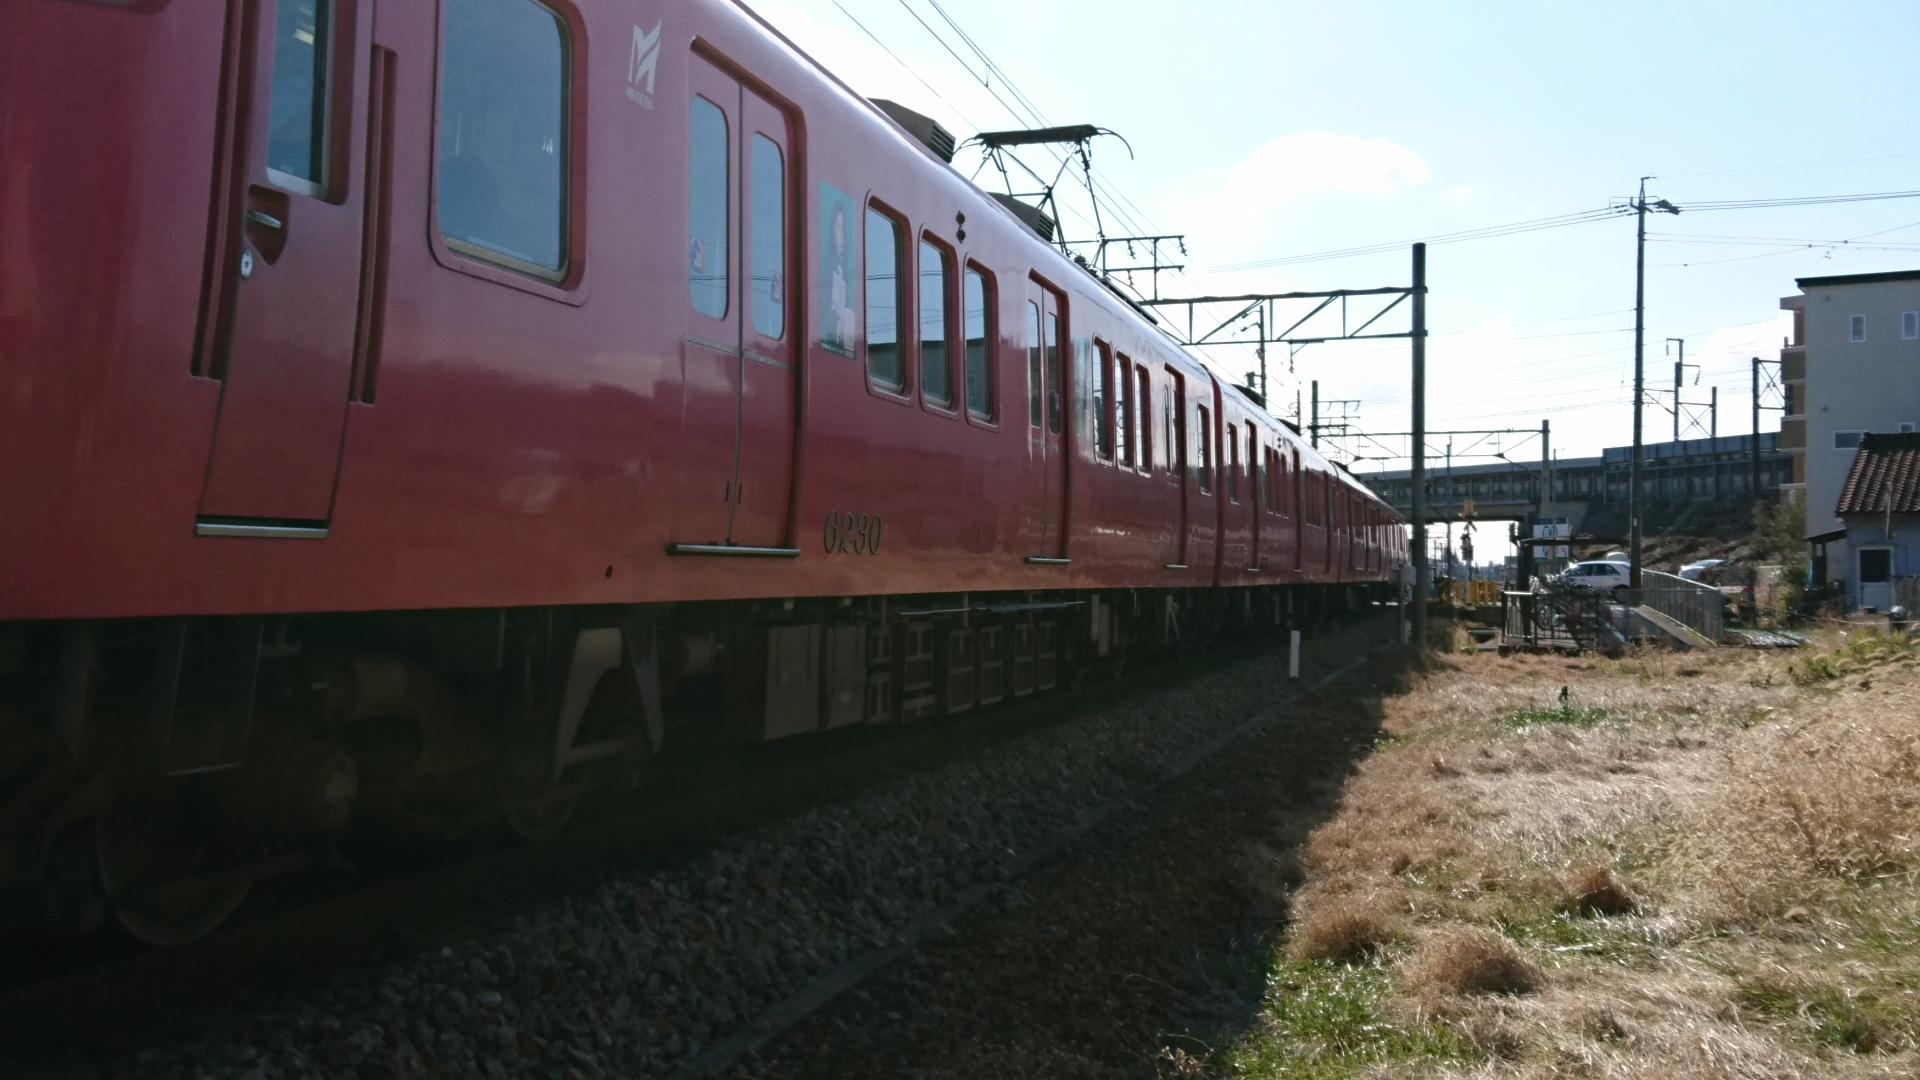 2017.1.21 古井 (1) 佐屋いき急行(6230)